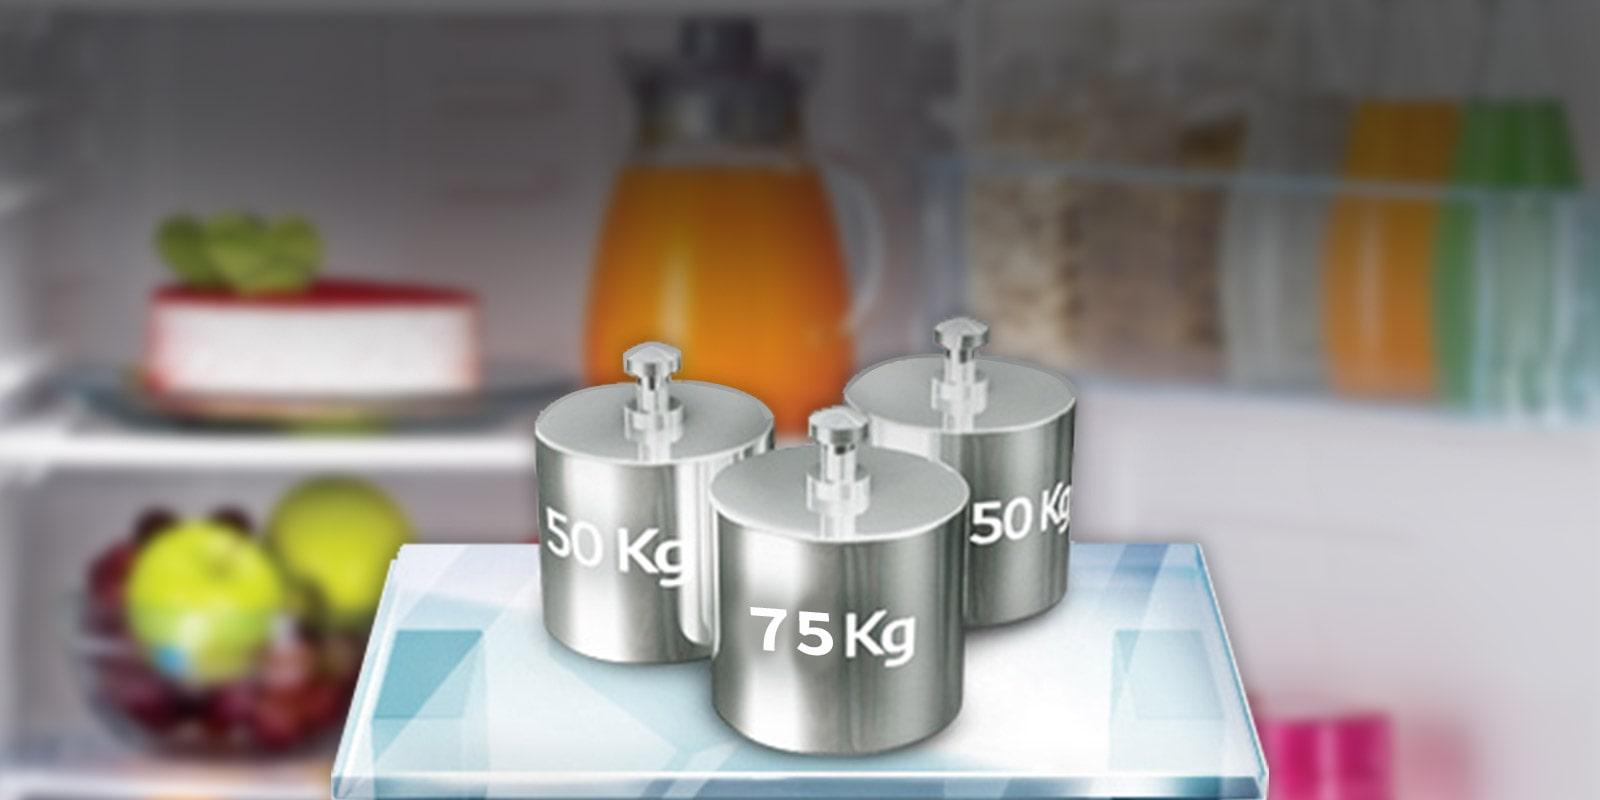 LG  GL-D241ASCY 235 ltr Spillproof toughened glass shelves